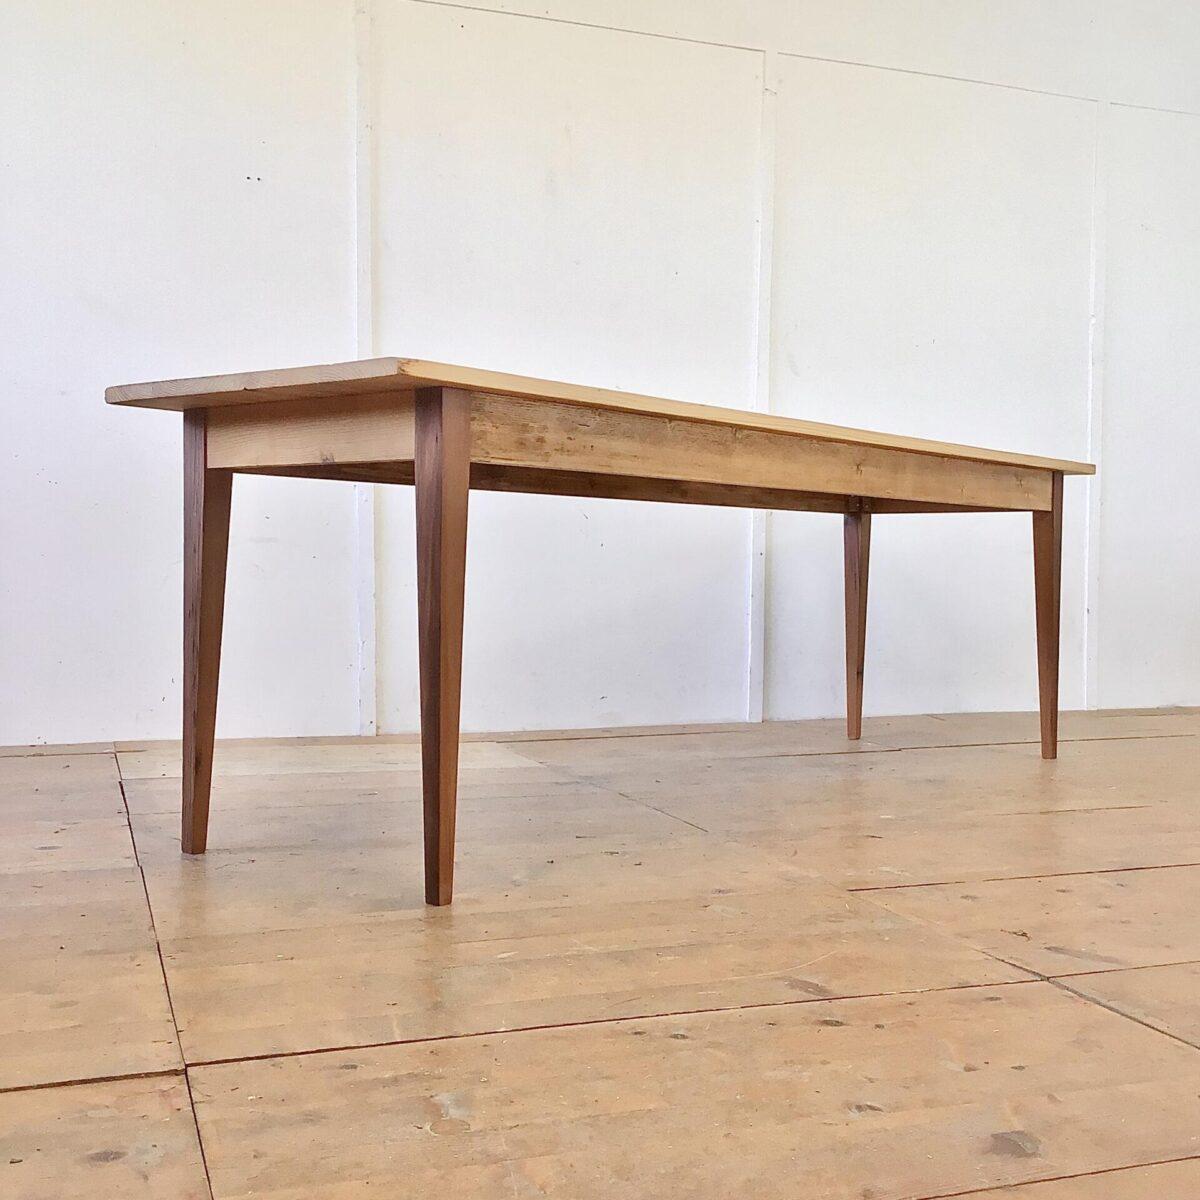 Tannenholz Biedermeiertisch 250x70cm Höhe 77cm. Dieser schlichte lange Holztisch haben wir bei der Restaurierung möglichst geradlinig und Kantig belassen. Der Tisch ist mit Naturöl behandelt. Die Tischbeine sind aus Lärchenholz.